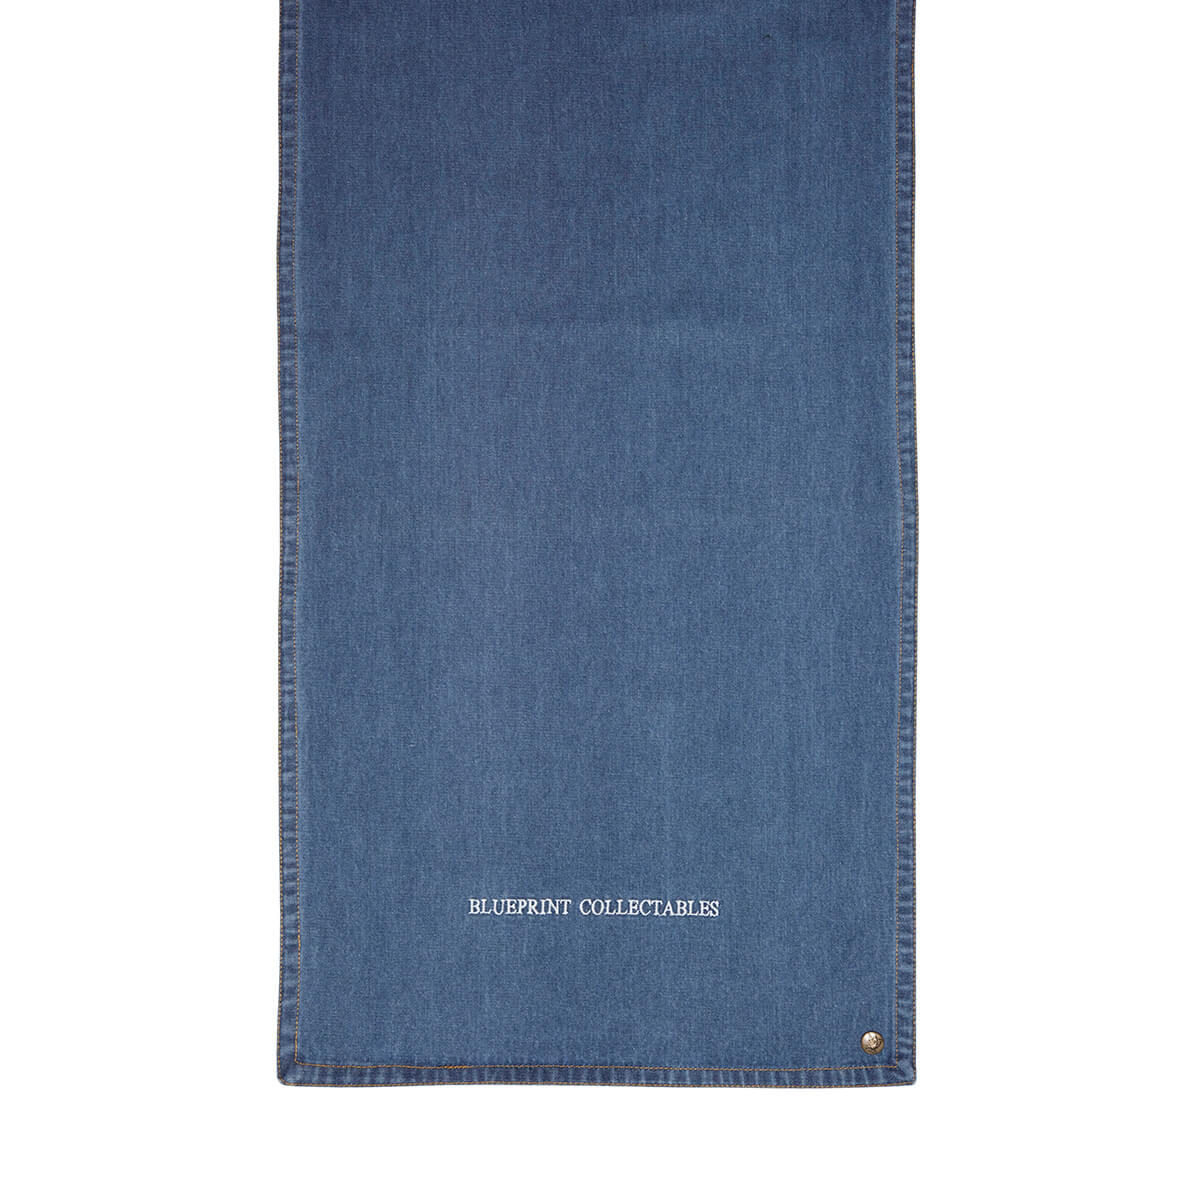 Онлайн каталог PROMENU: Тканевая дорожка на стол Laura Ashley BLUEPRINT, 40x150 см, синий                                   178446